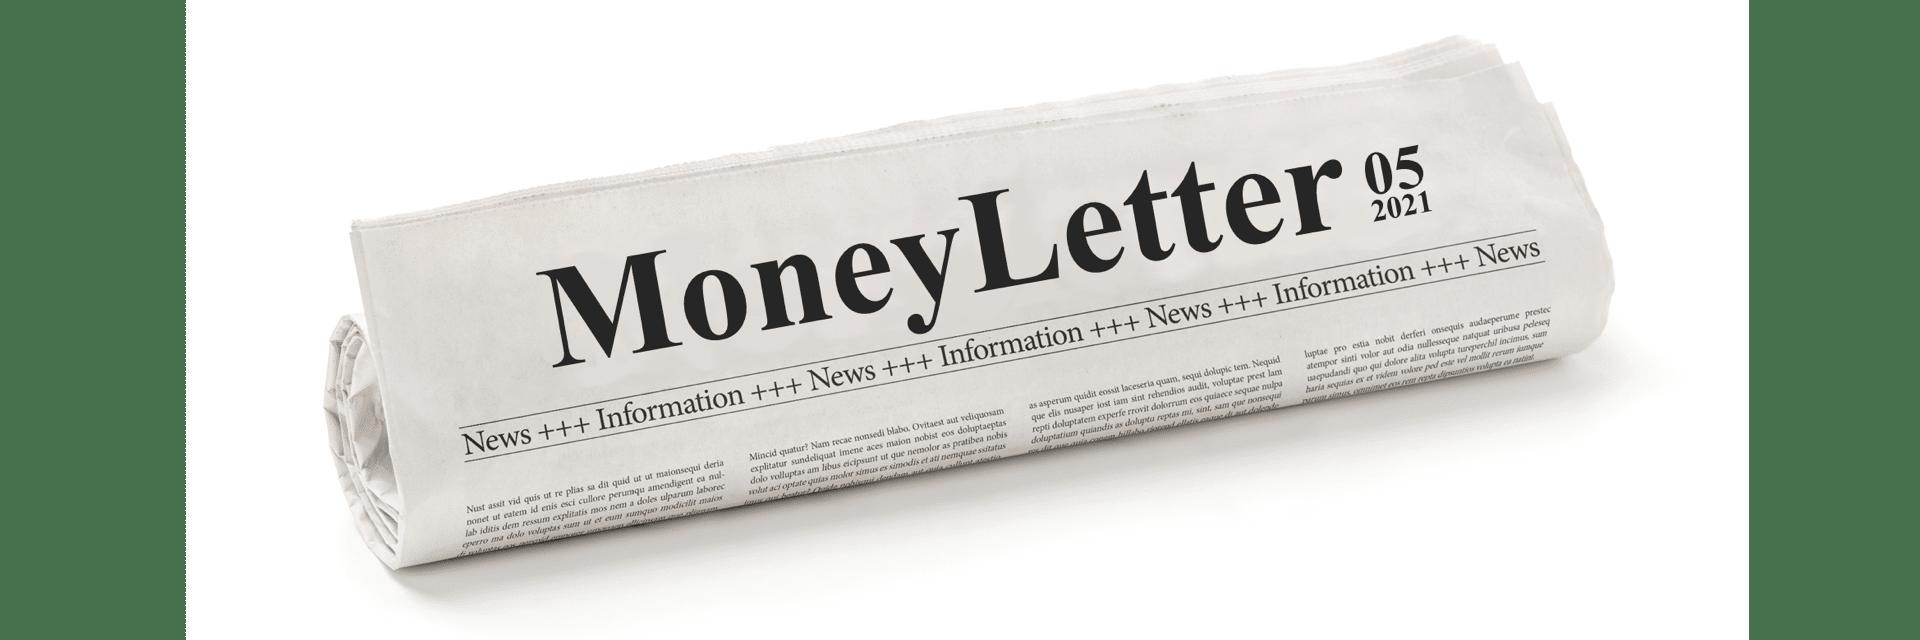 revaluate Moneyletter Header o5